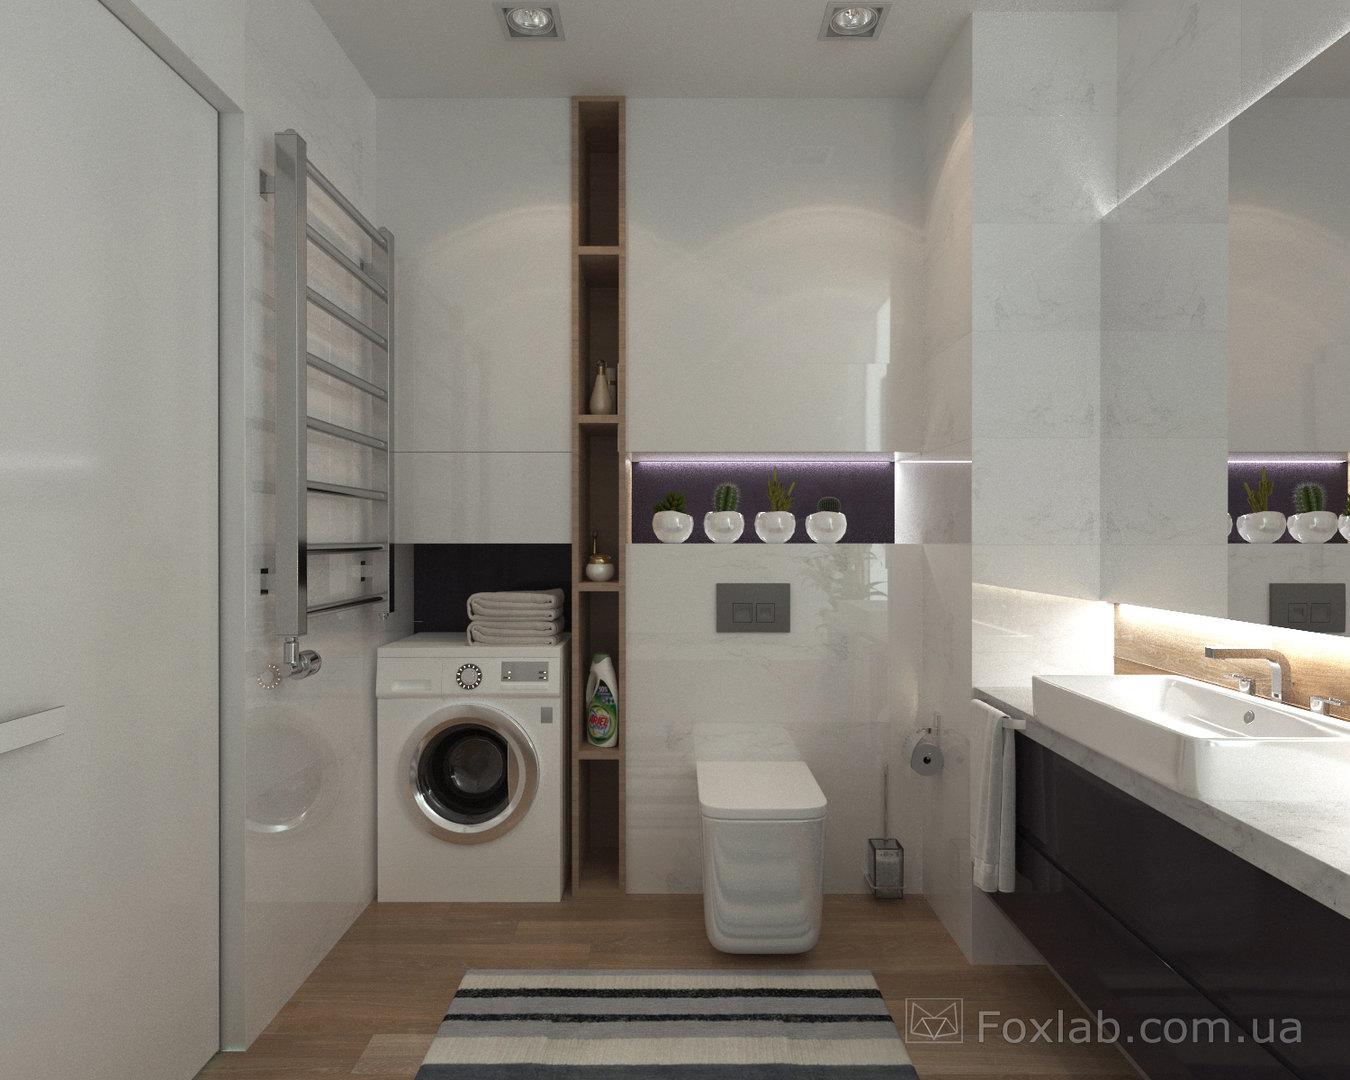 interior_design_kiev_studio (24).jpg